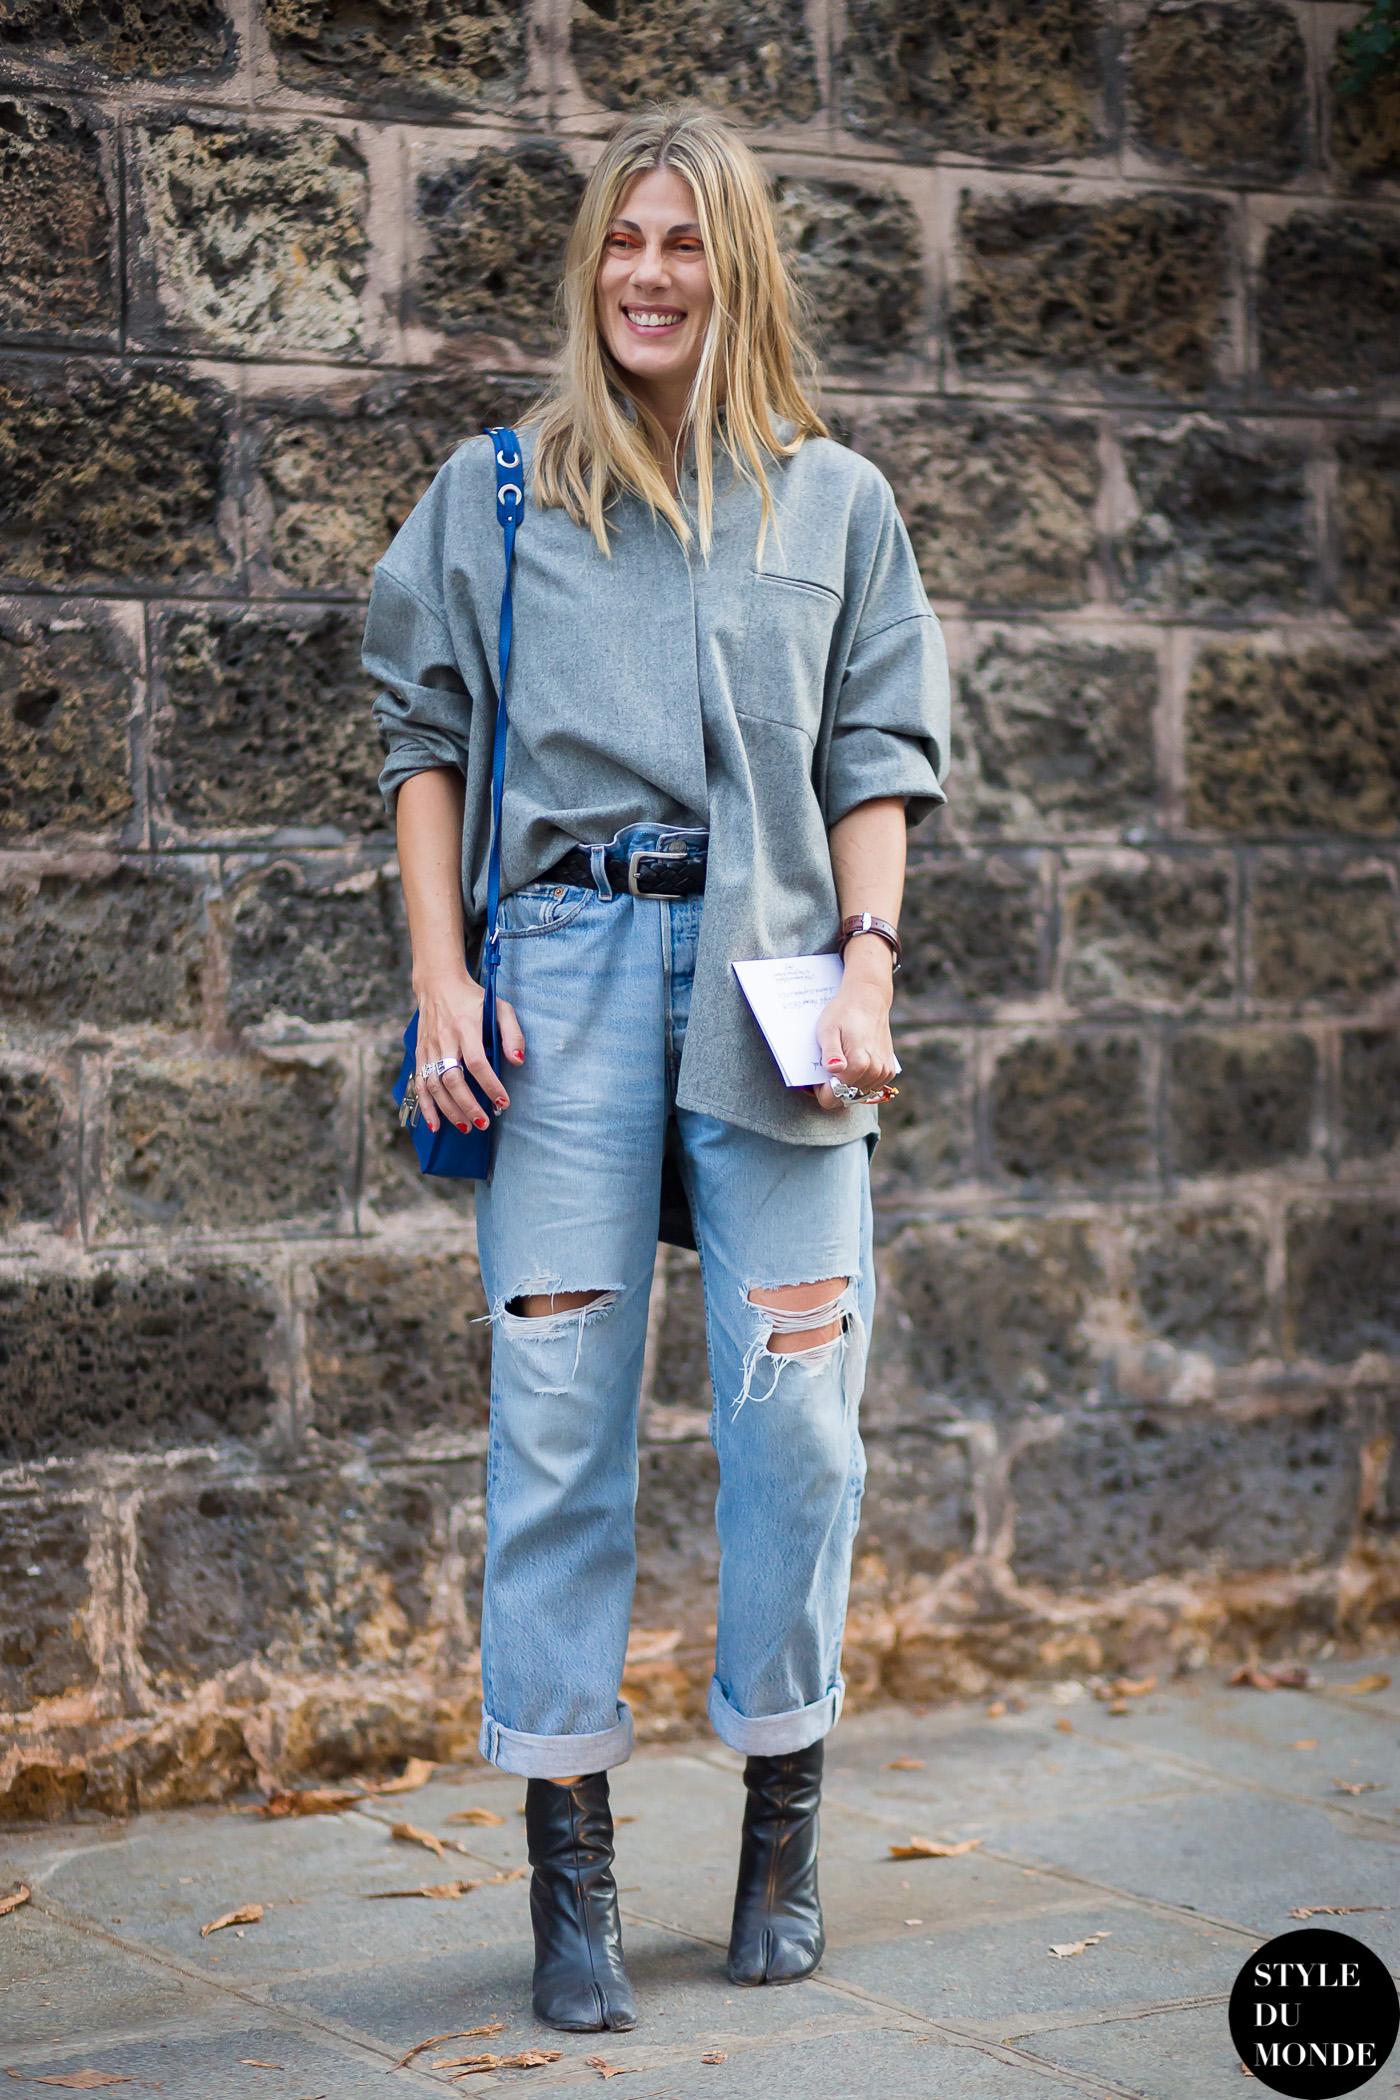 Glamour magazine UK - STYLE DU MONDE | Street Style Street